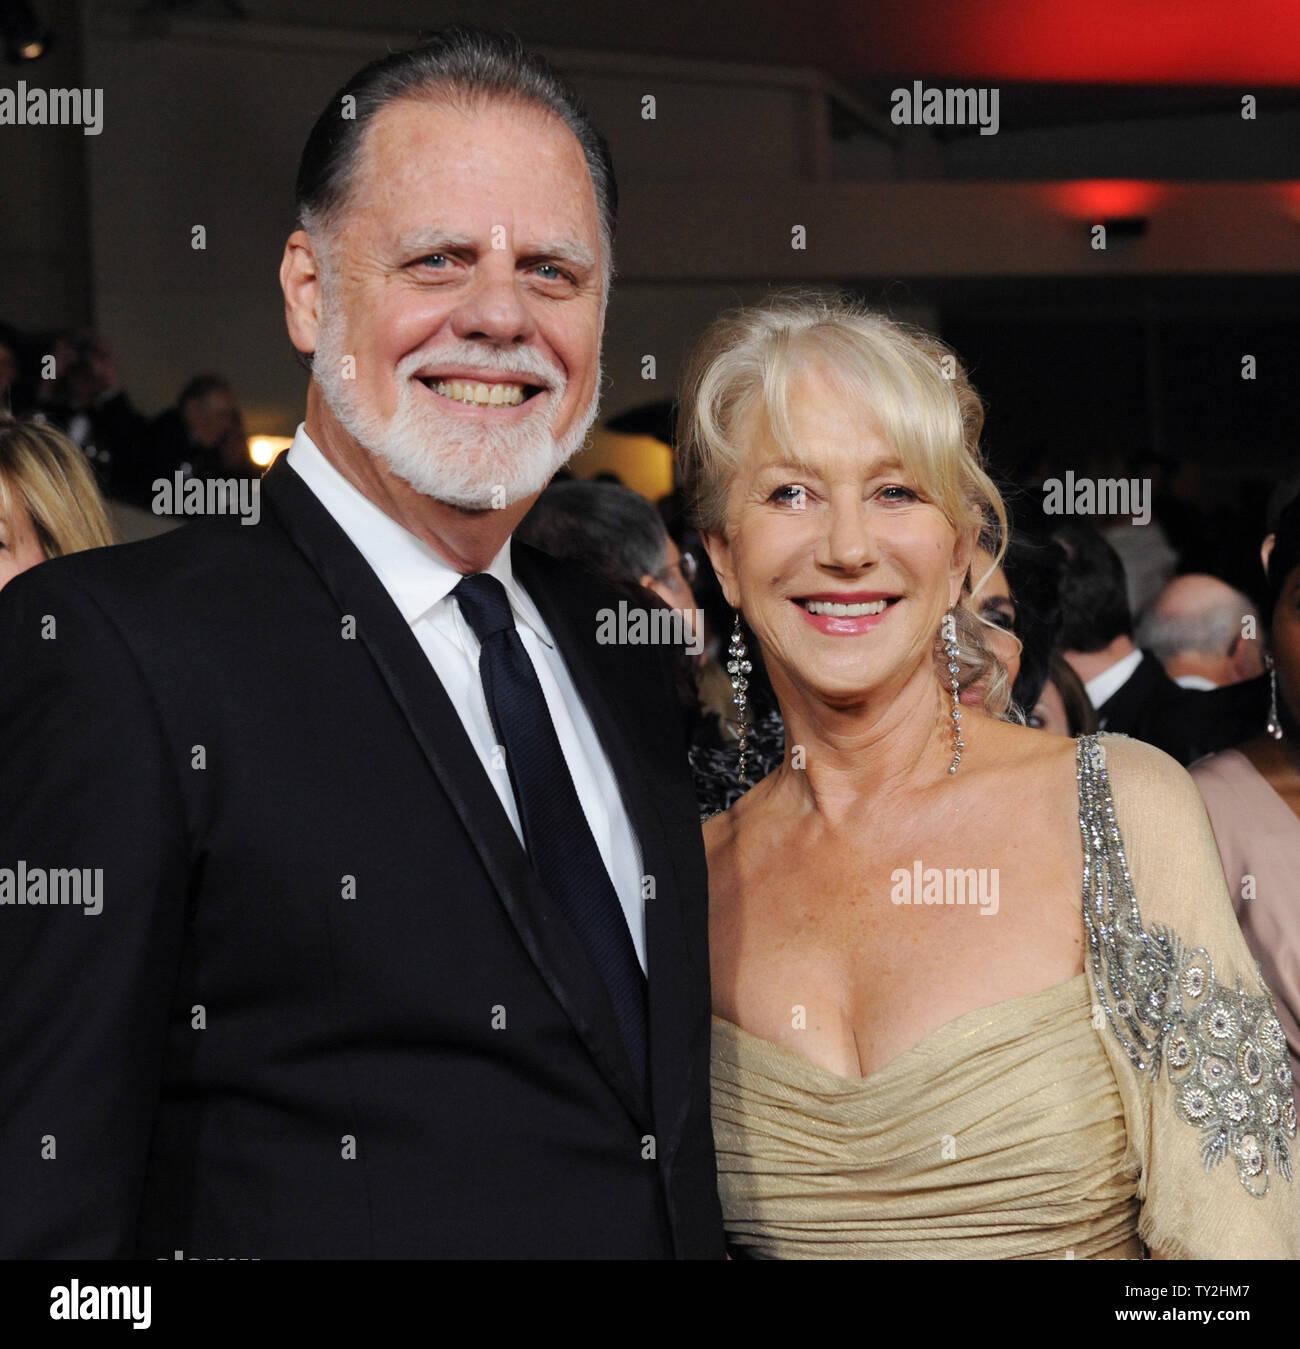 La actriz Helen Mirren y su esposo, el director Taylor Hackford asistir a la 64ª anual de Directors Guild of America Awards en Los Angeles el 28 de enero de 2012. UPI/Jim Ruymen Imagen De Stock